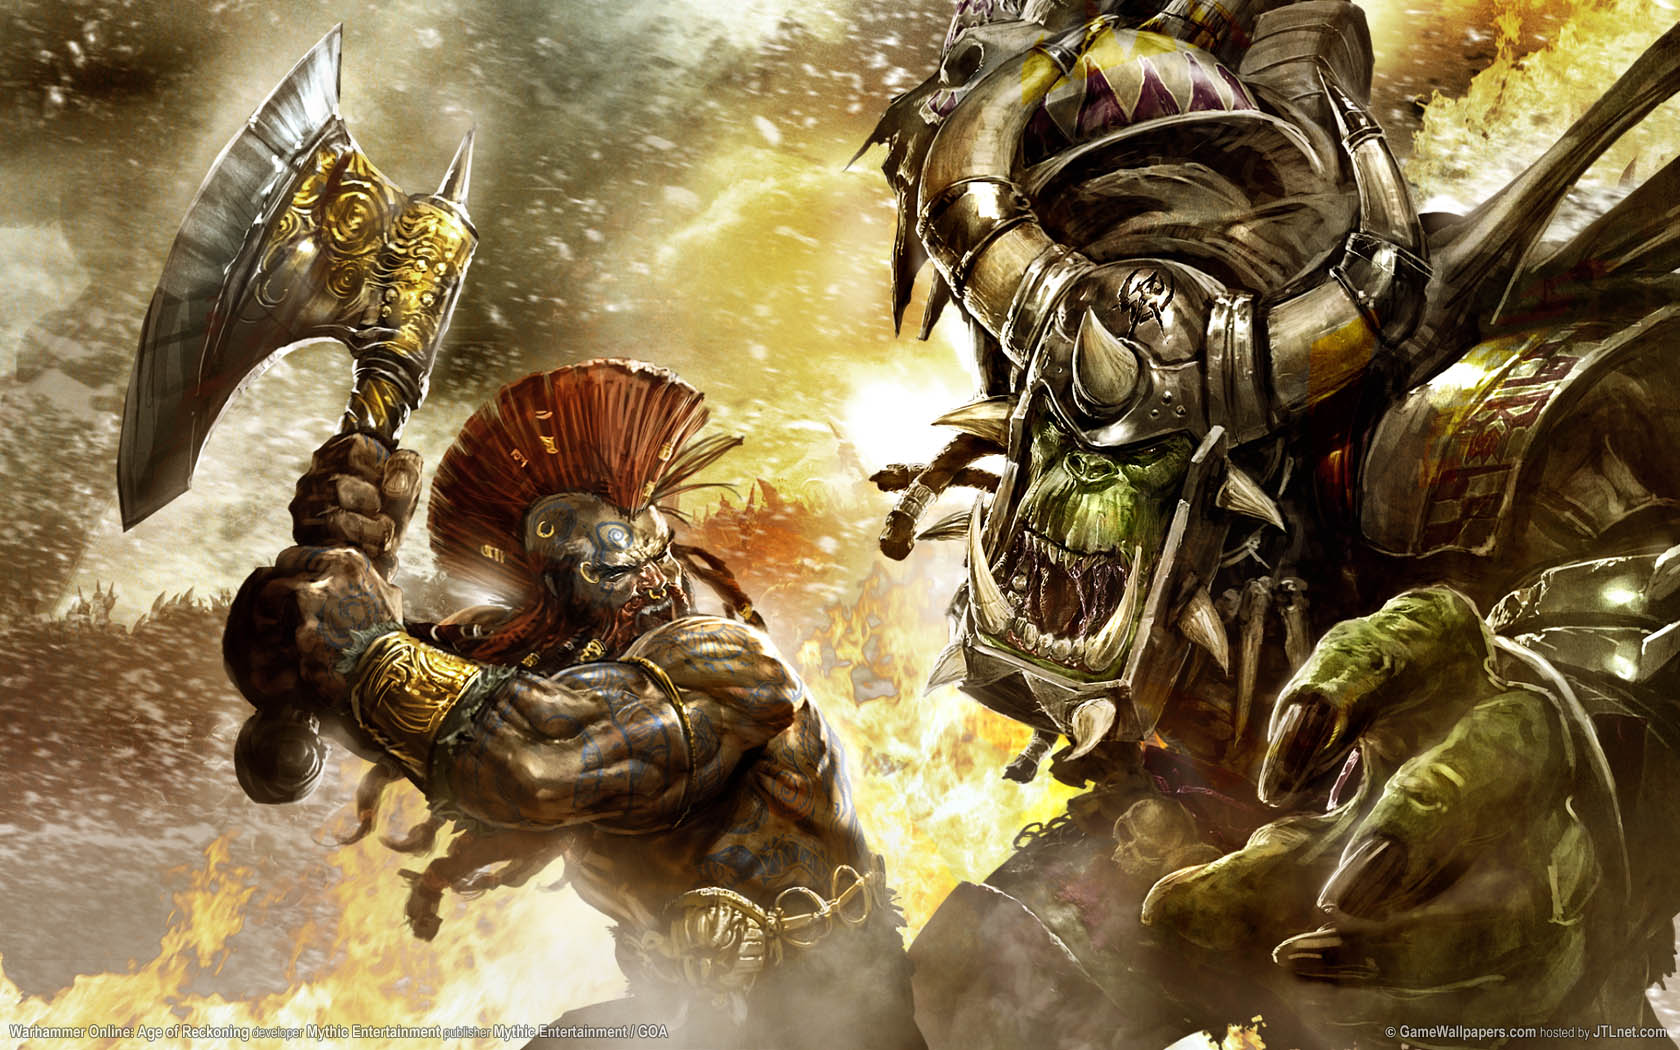 Warhammer Online: Age of Reckoning Hintergrundbild 01 1680x1050